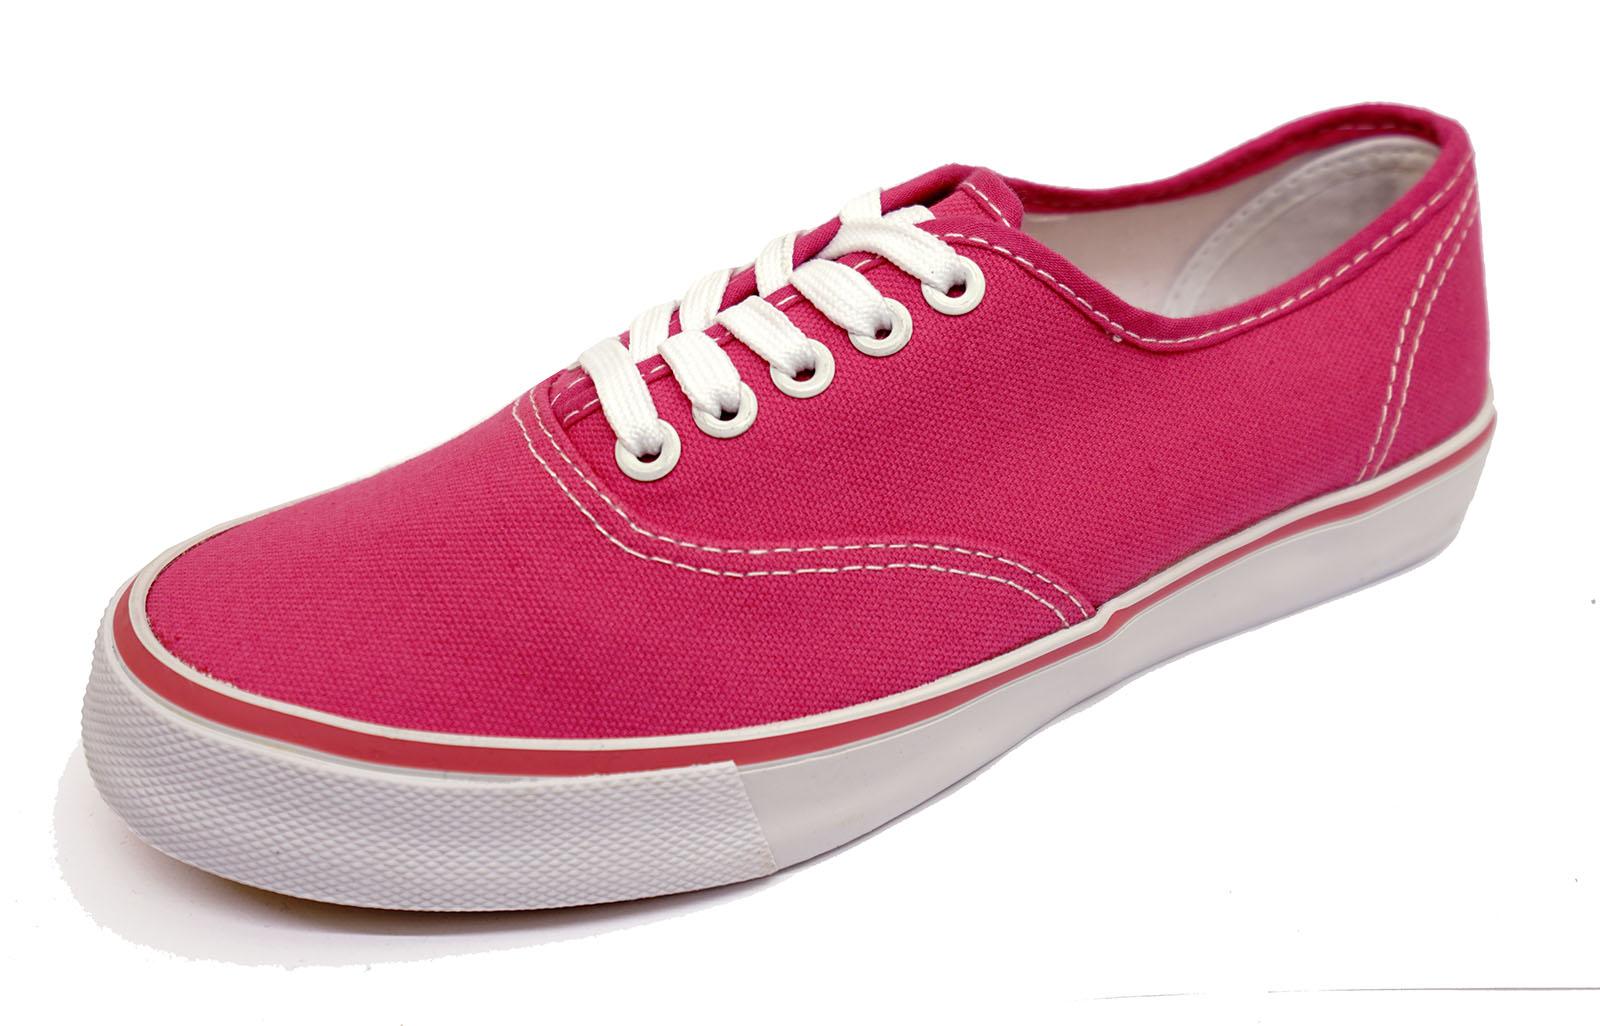 Mujer Rosa Lona entrenador Playera bombas Casual Plana Cómodos Zapatos con cordones 3-8